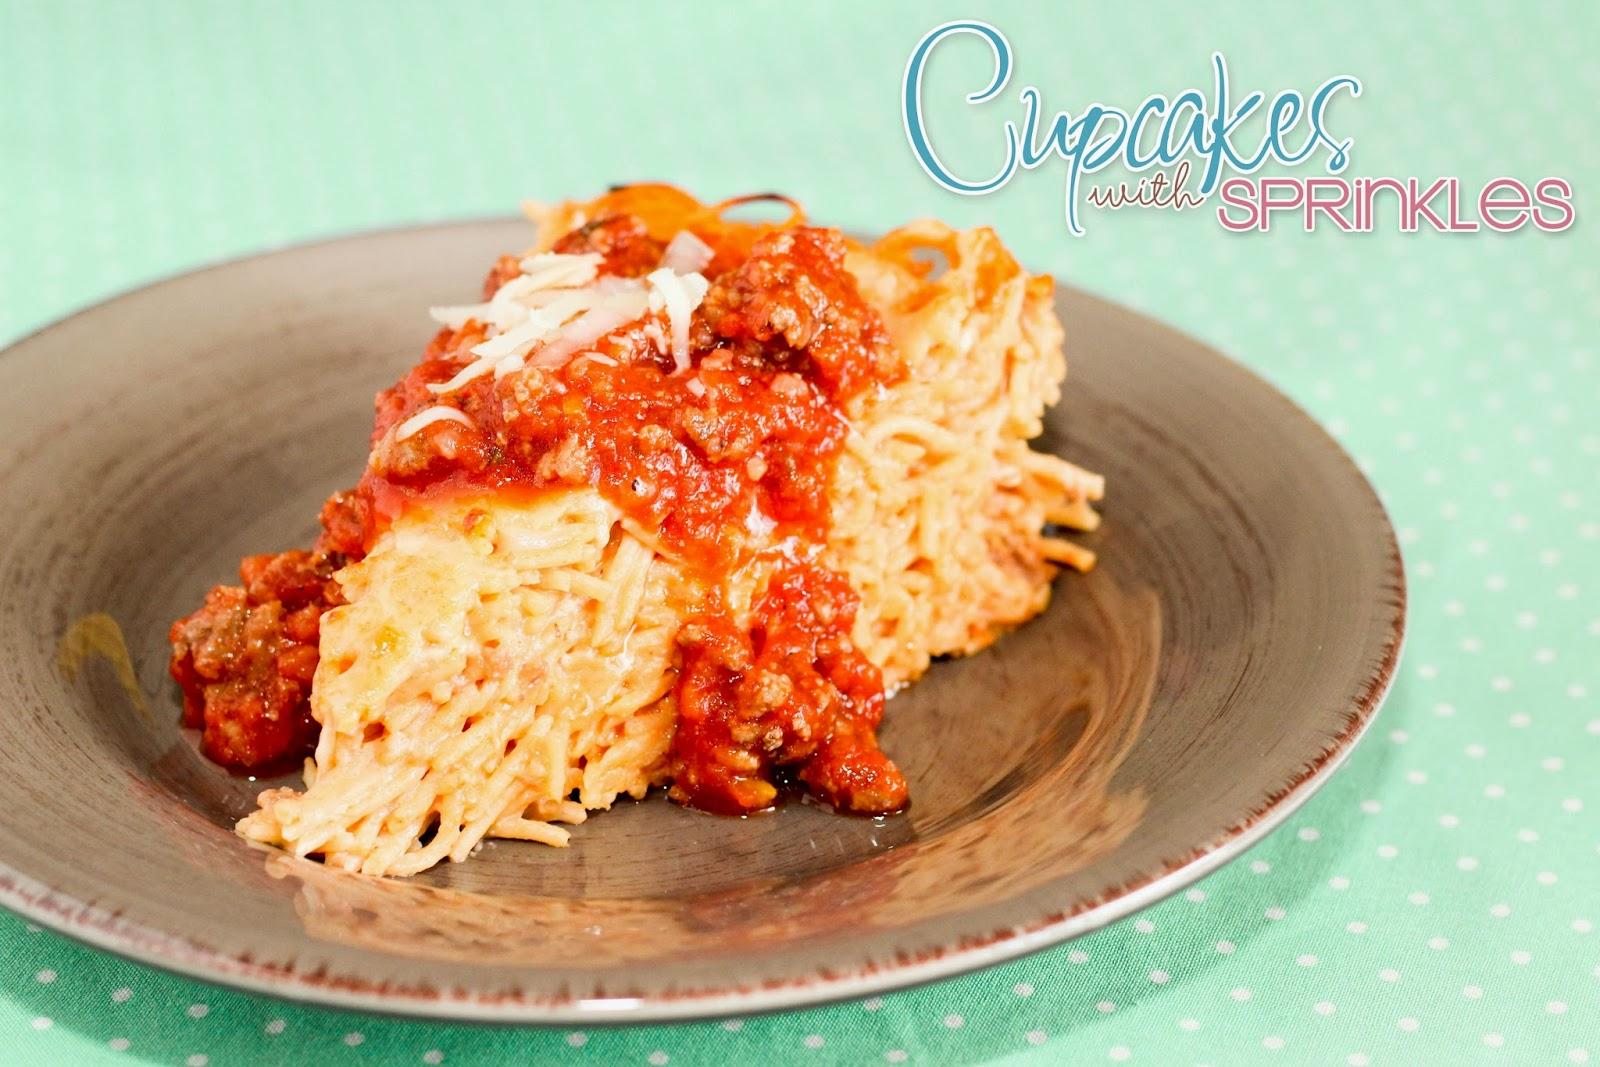 Cupcake With Sprinkles Spaghetti Pie